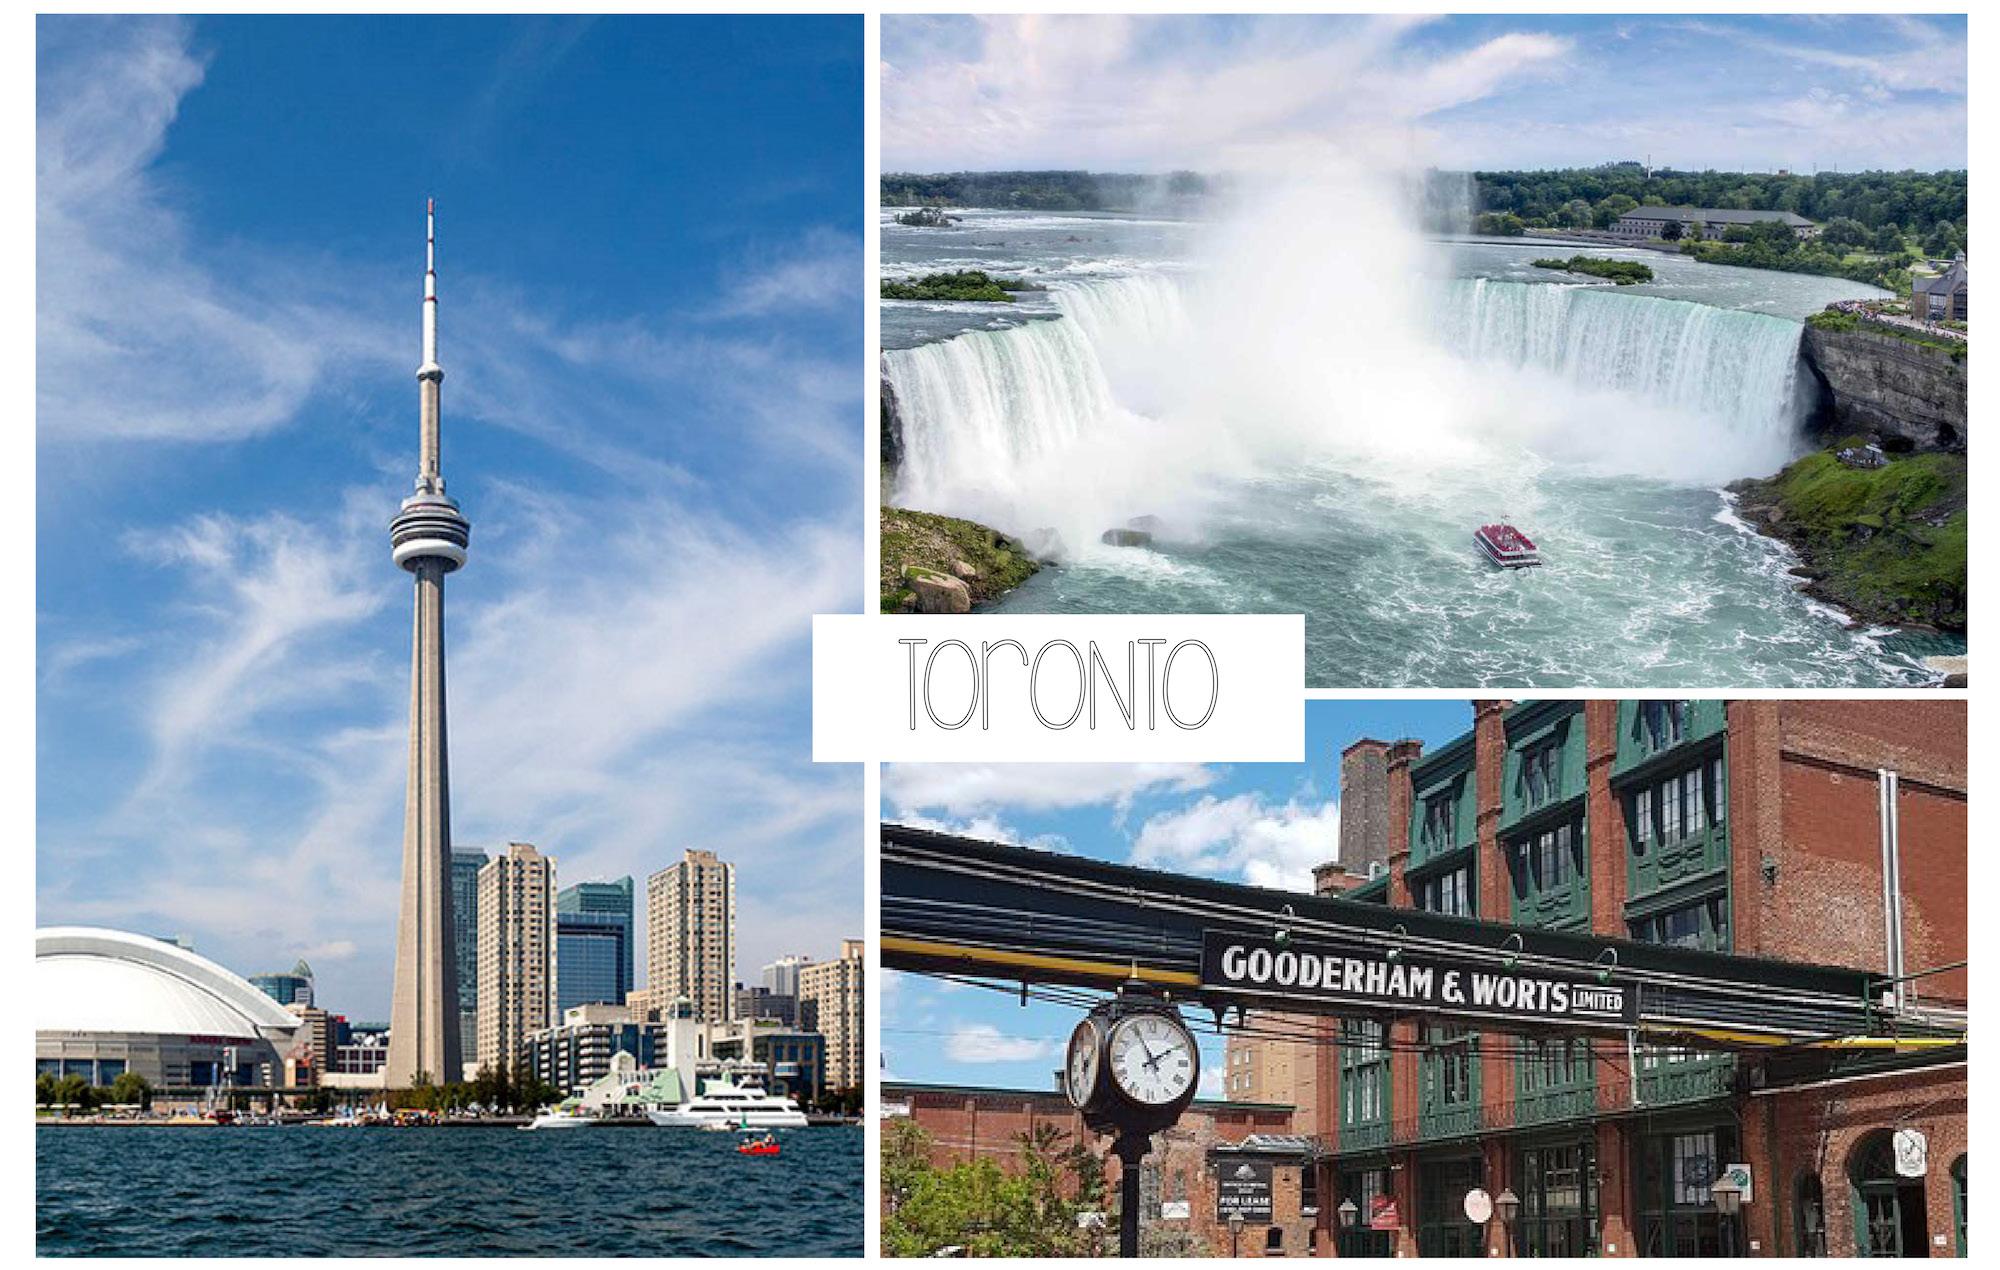 Road Trip Canada USA - Toronto